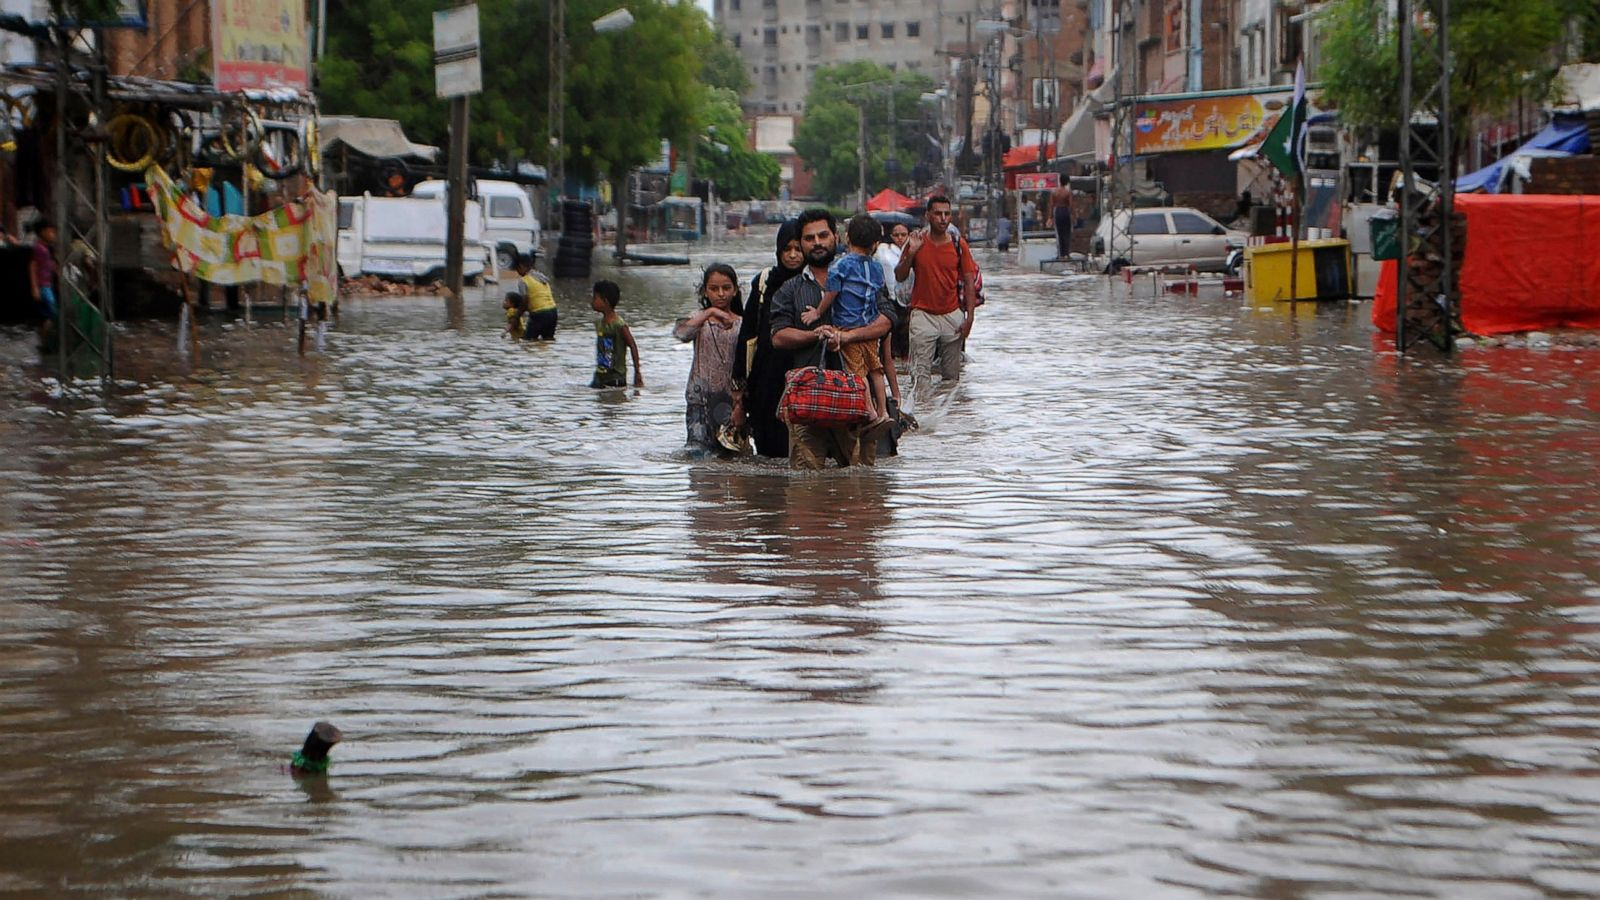 3 days of rains in Pakistan kill 90, disrupt life in Karachi - ABC News